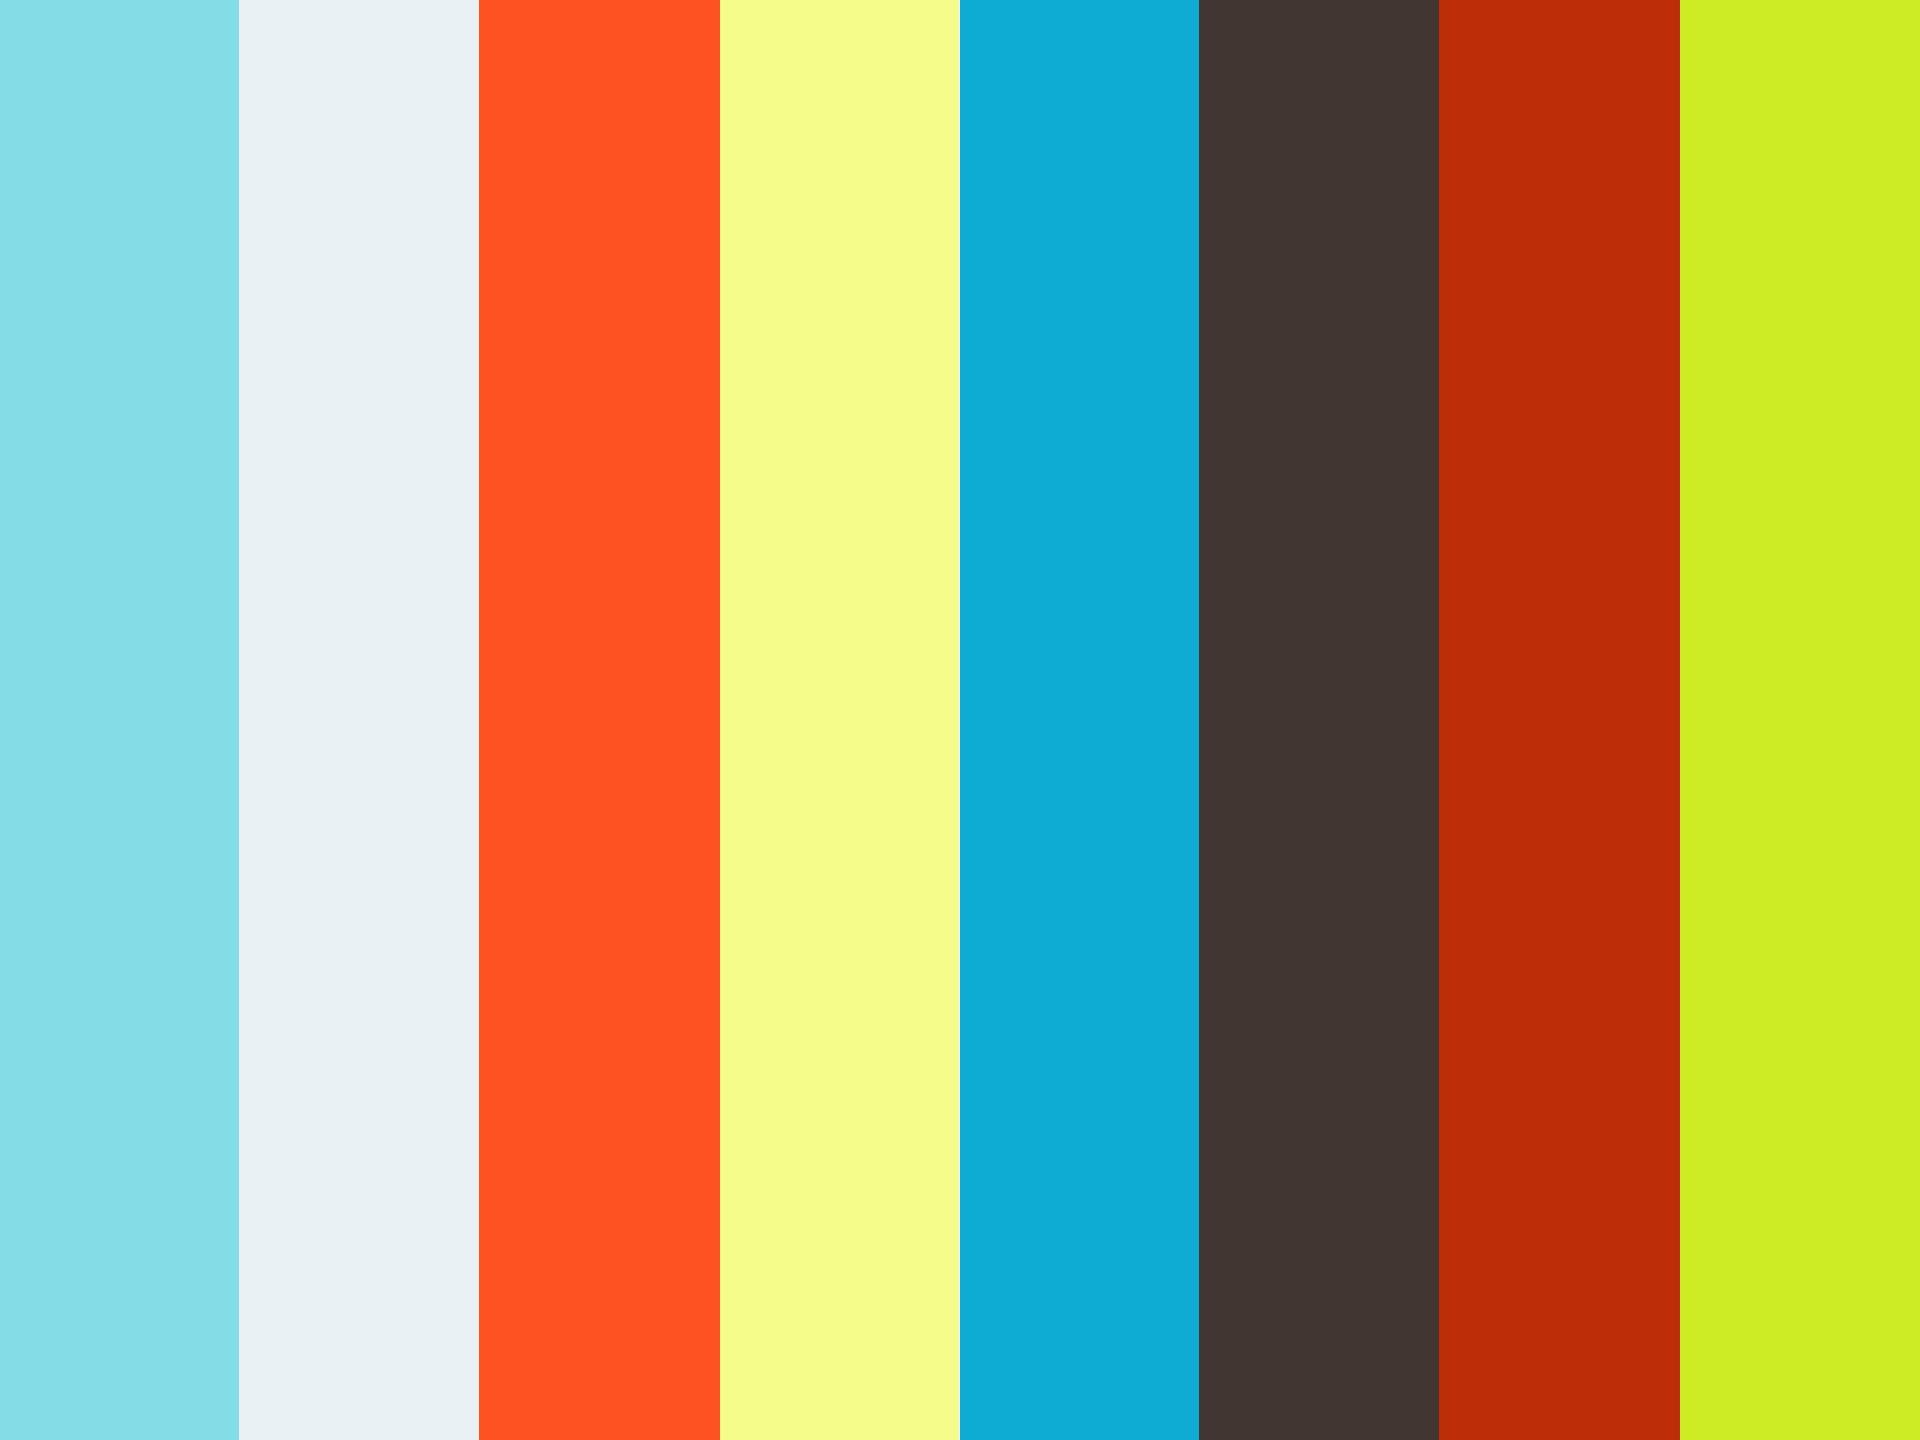 2013-09-14 - 竹圍魚鱻節_搖滾鱻鋒音樂會 郭靜 組曲-下一個天亮-陪著我的時候想著她-我不想忘記你 on Vimeo